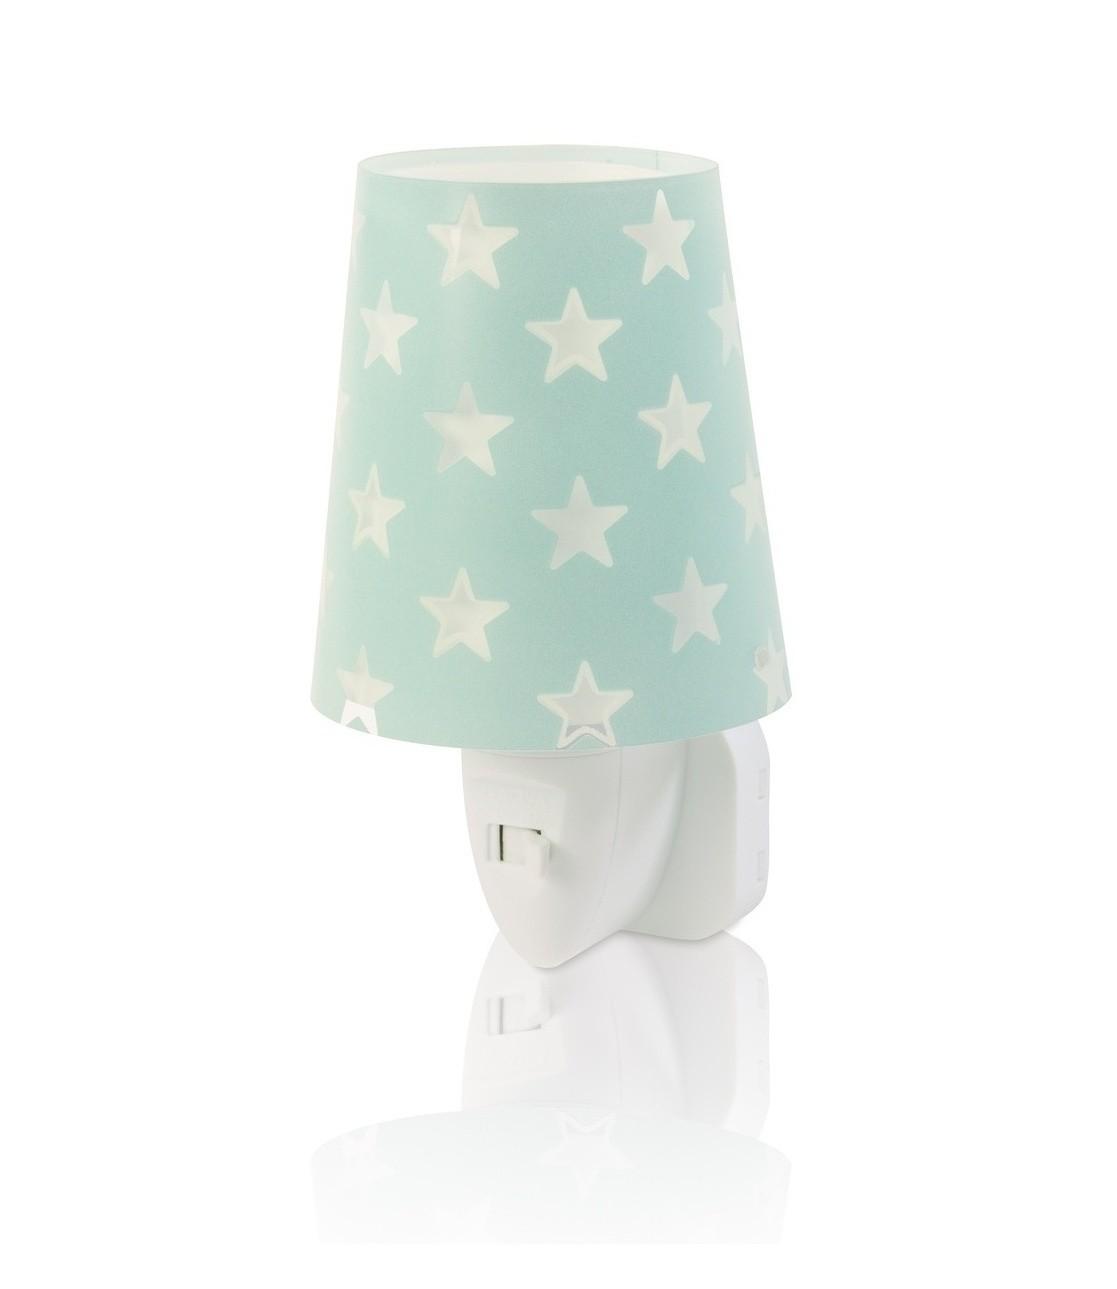 Dalber 81215H LED dětská noční orientační lampička Stars Green 1x0,3W|E14 - zelená